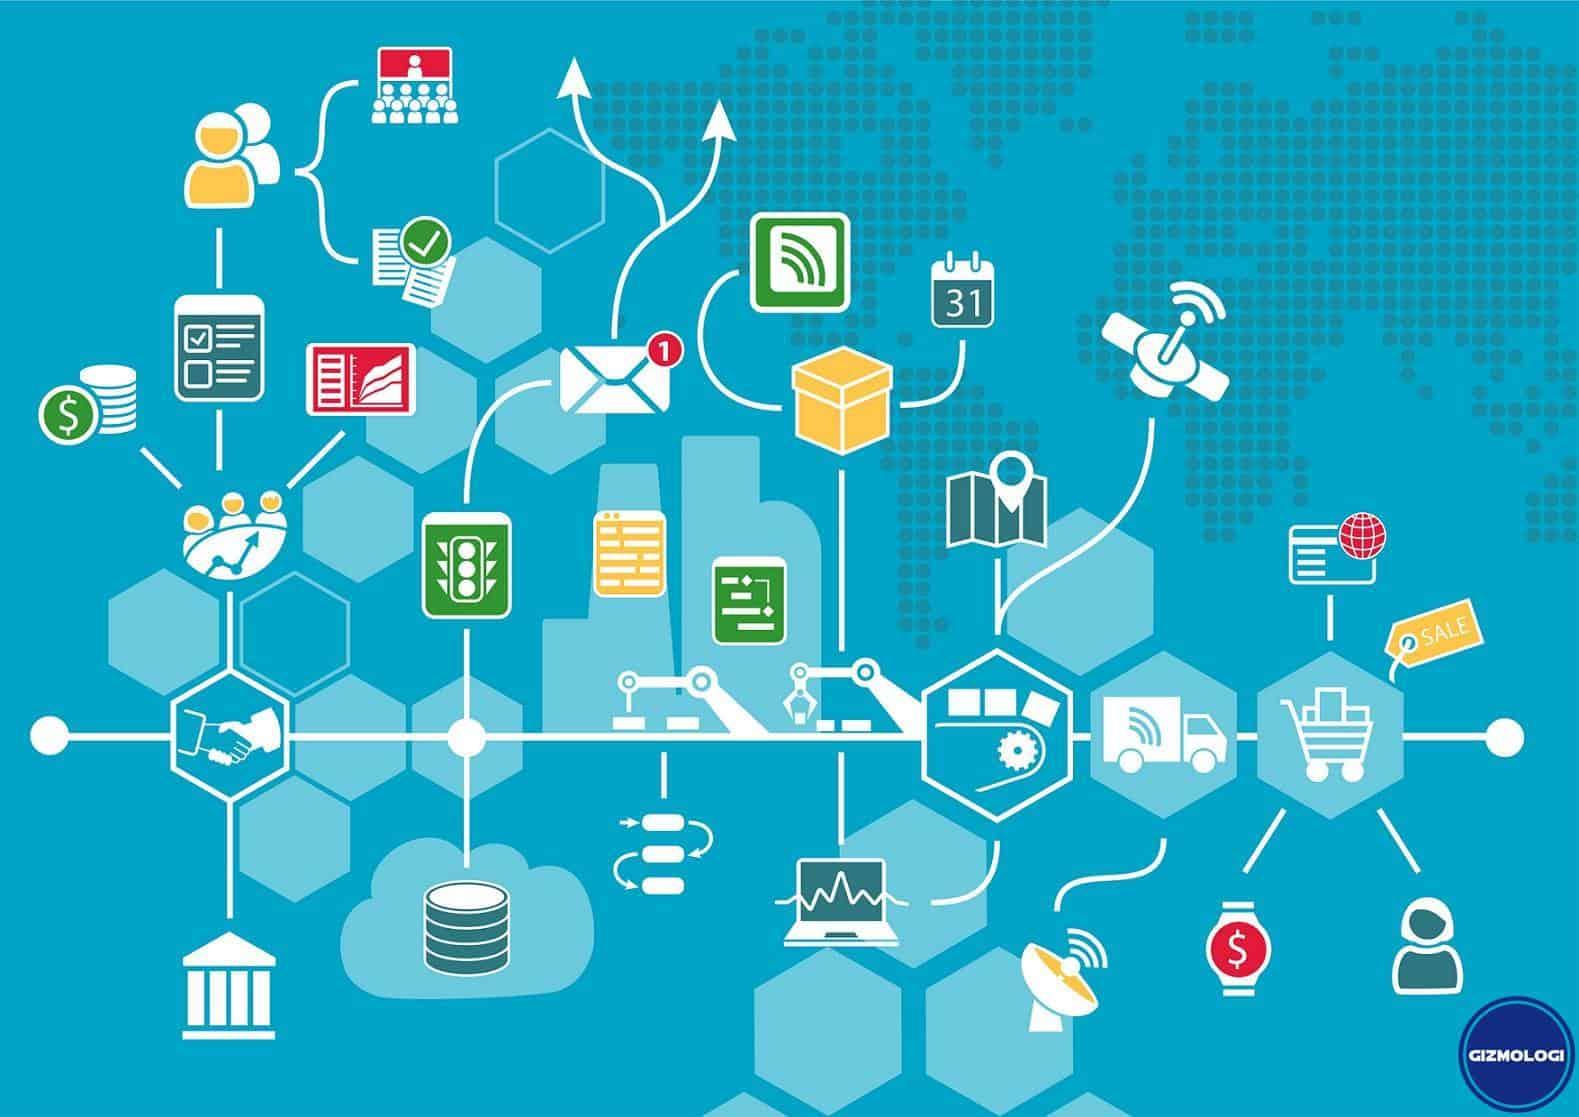 Digital economy IoT